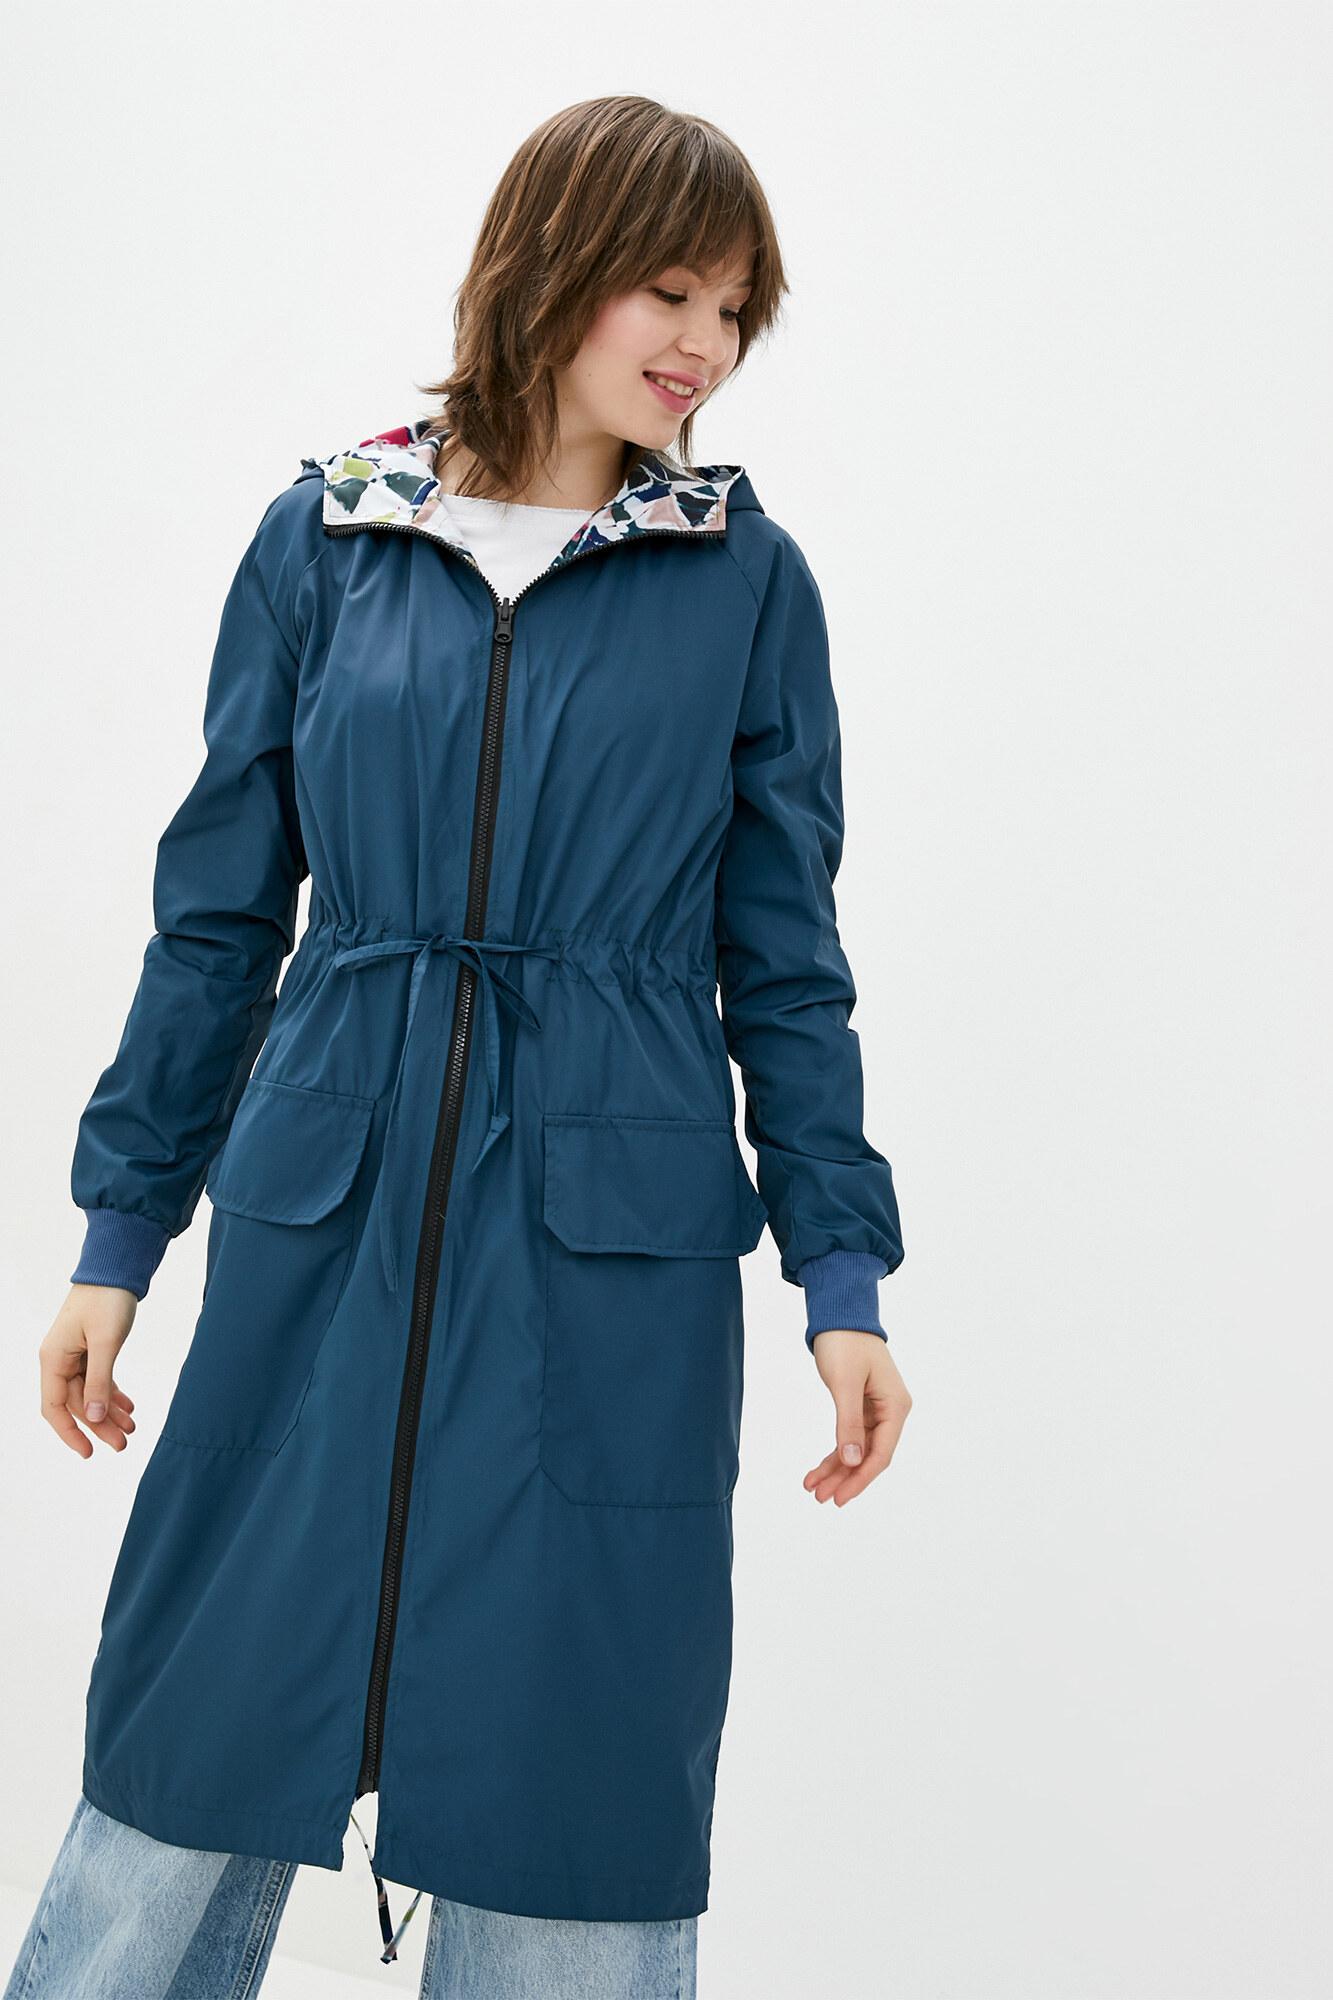 Двухсторонний синий непромокаемый плащ с капюшоном GEN